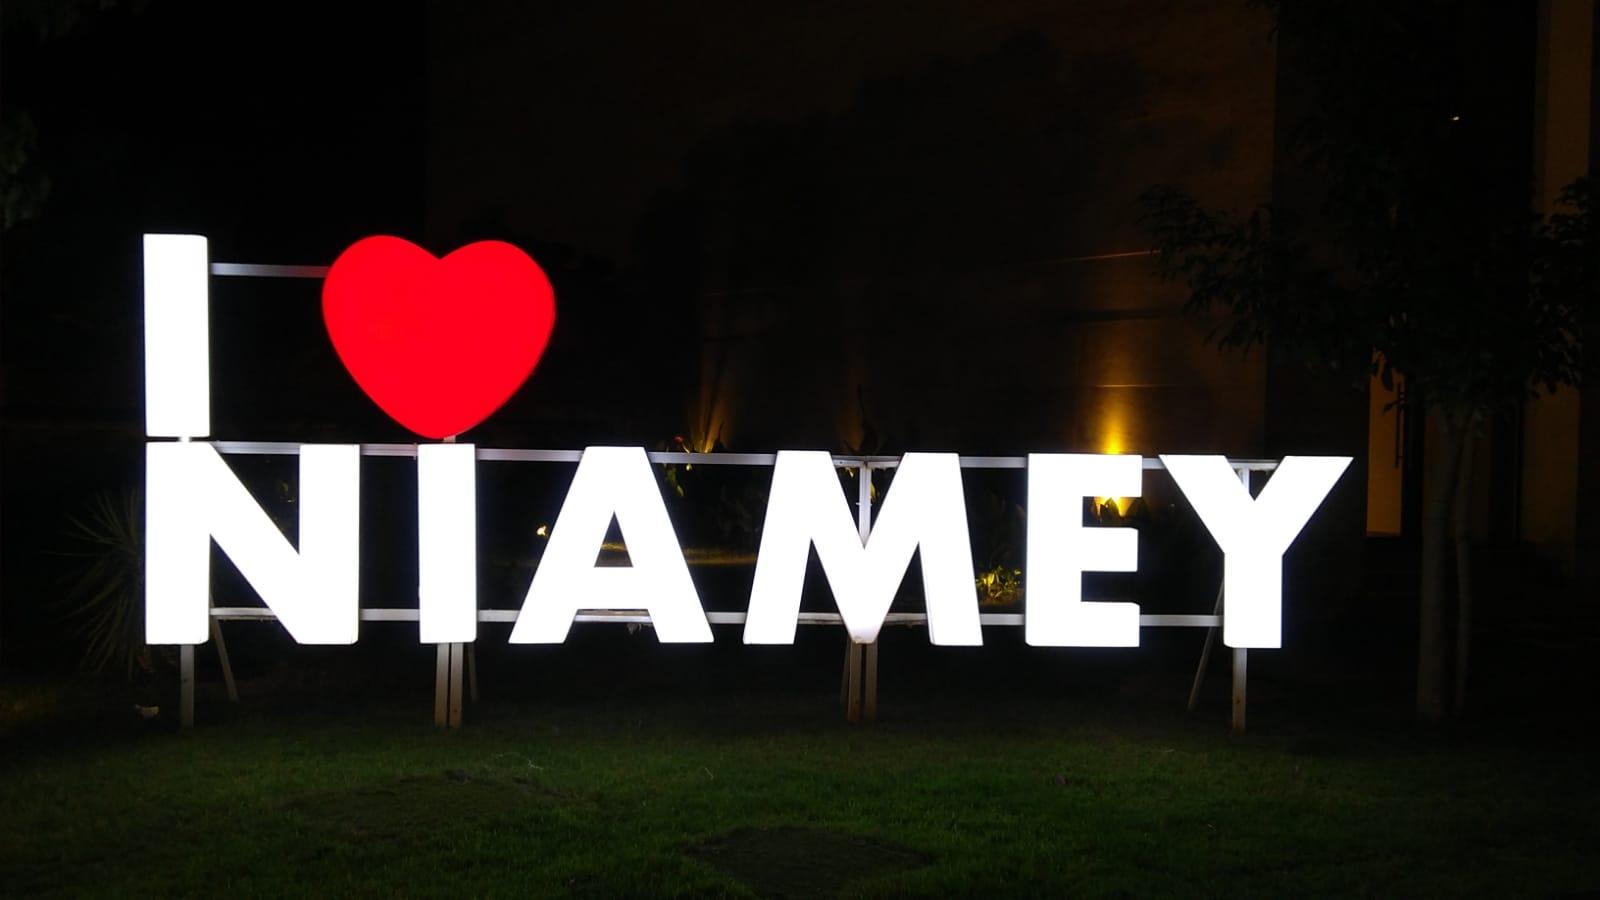 Niamey!